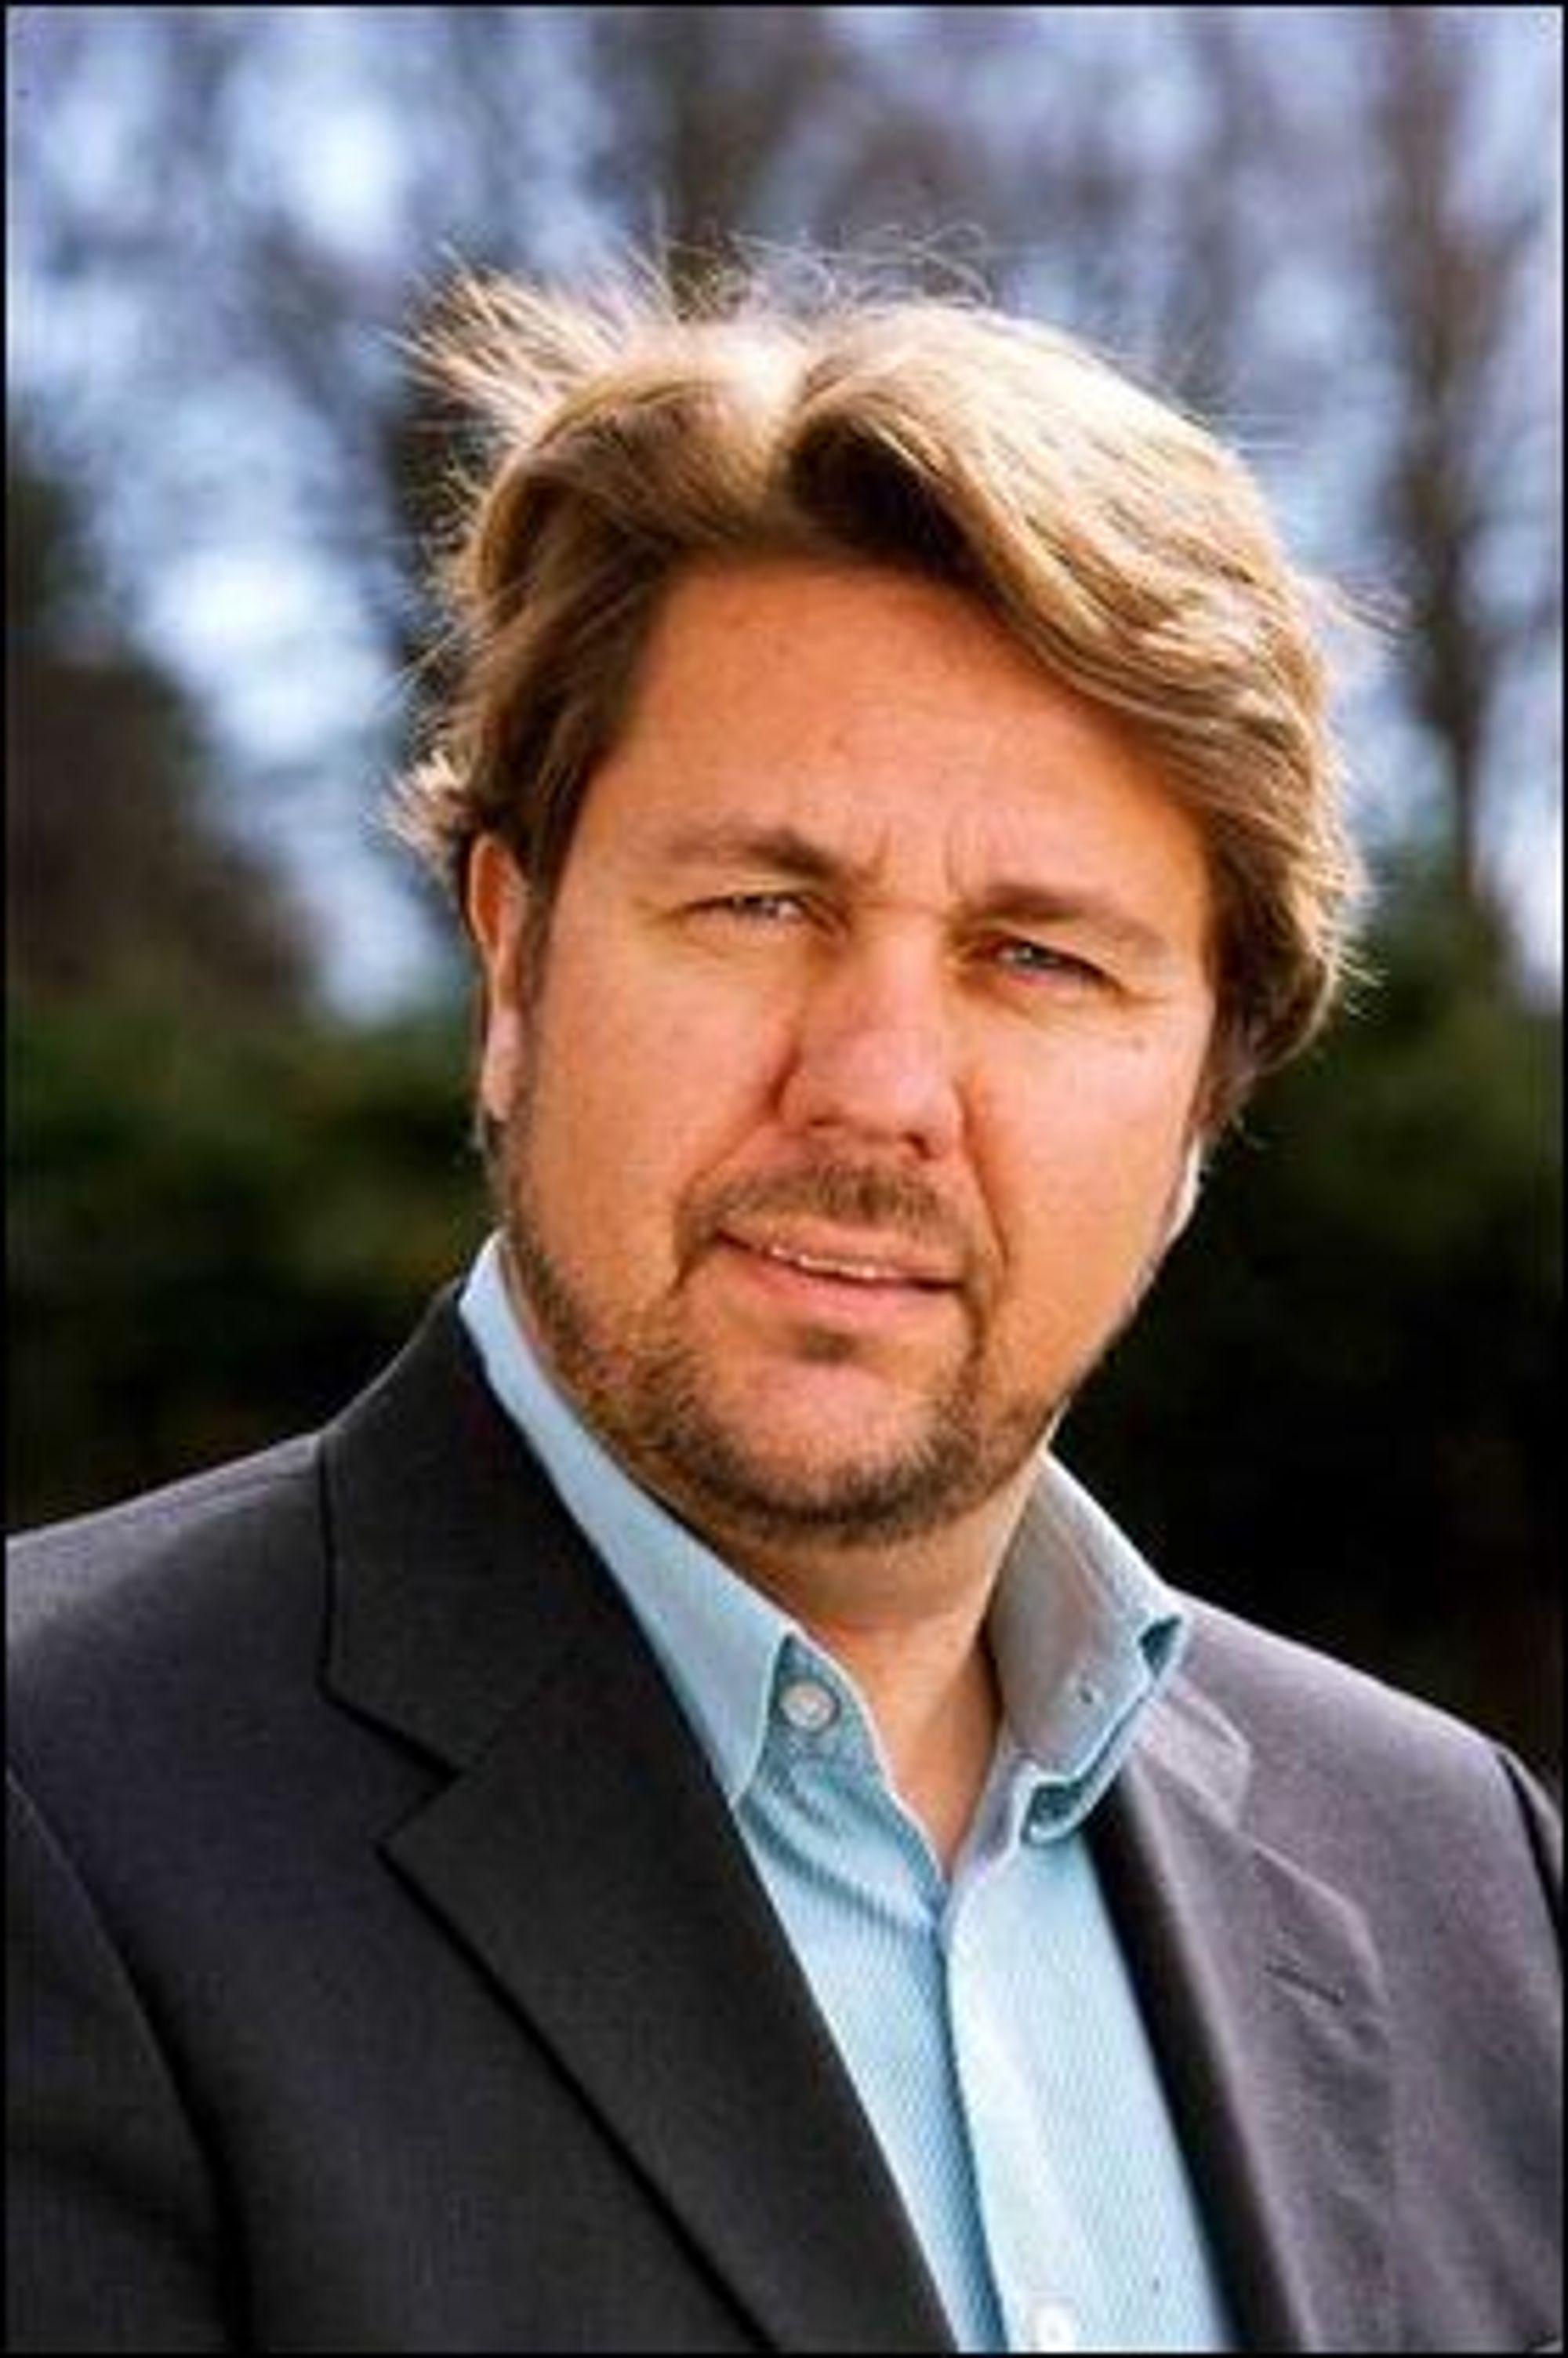 Tele2s norske sjef, Arild Hustad, fikk ikke med seg Post- og teletilsynet på å forlenge perioden med høyere termineringspriser for å finansiere et landsdekkende mobilnett.